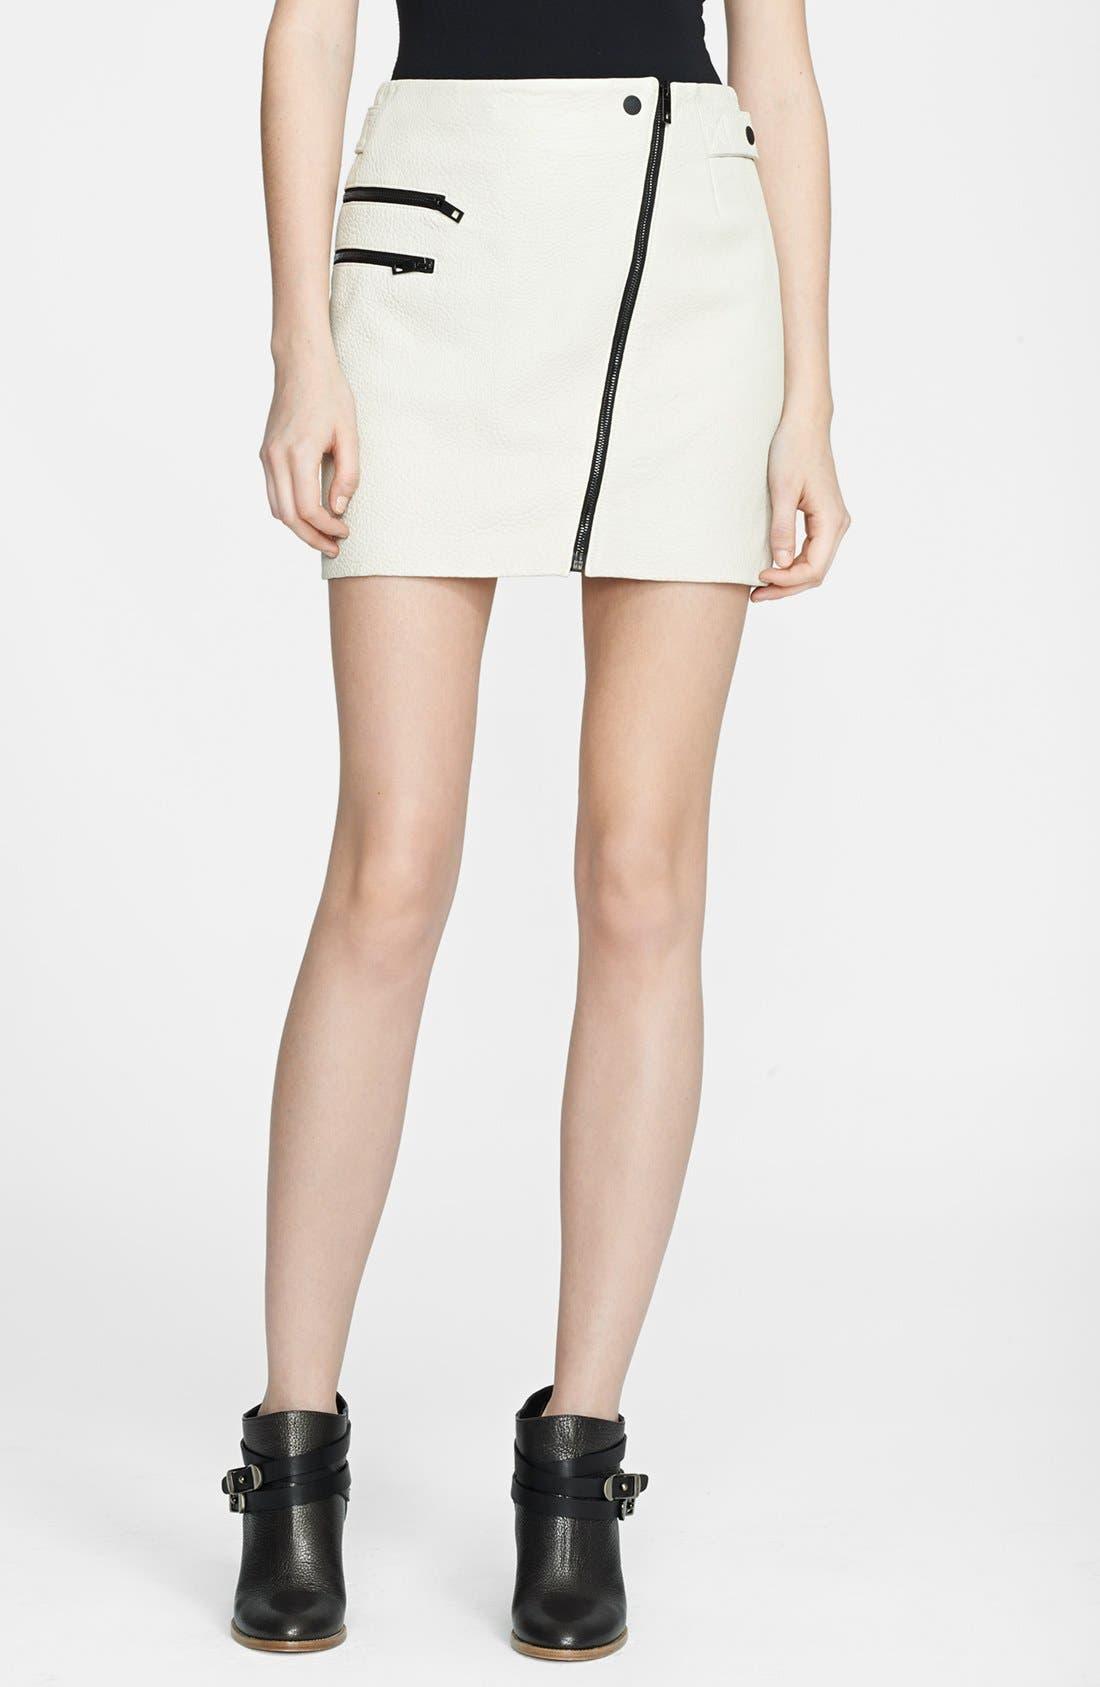 Alternate Image 1 Selected - rag & bone 'Hudson' Leather Miniskirt